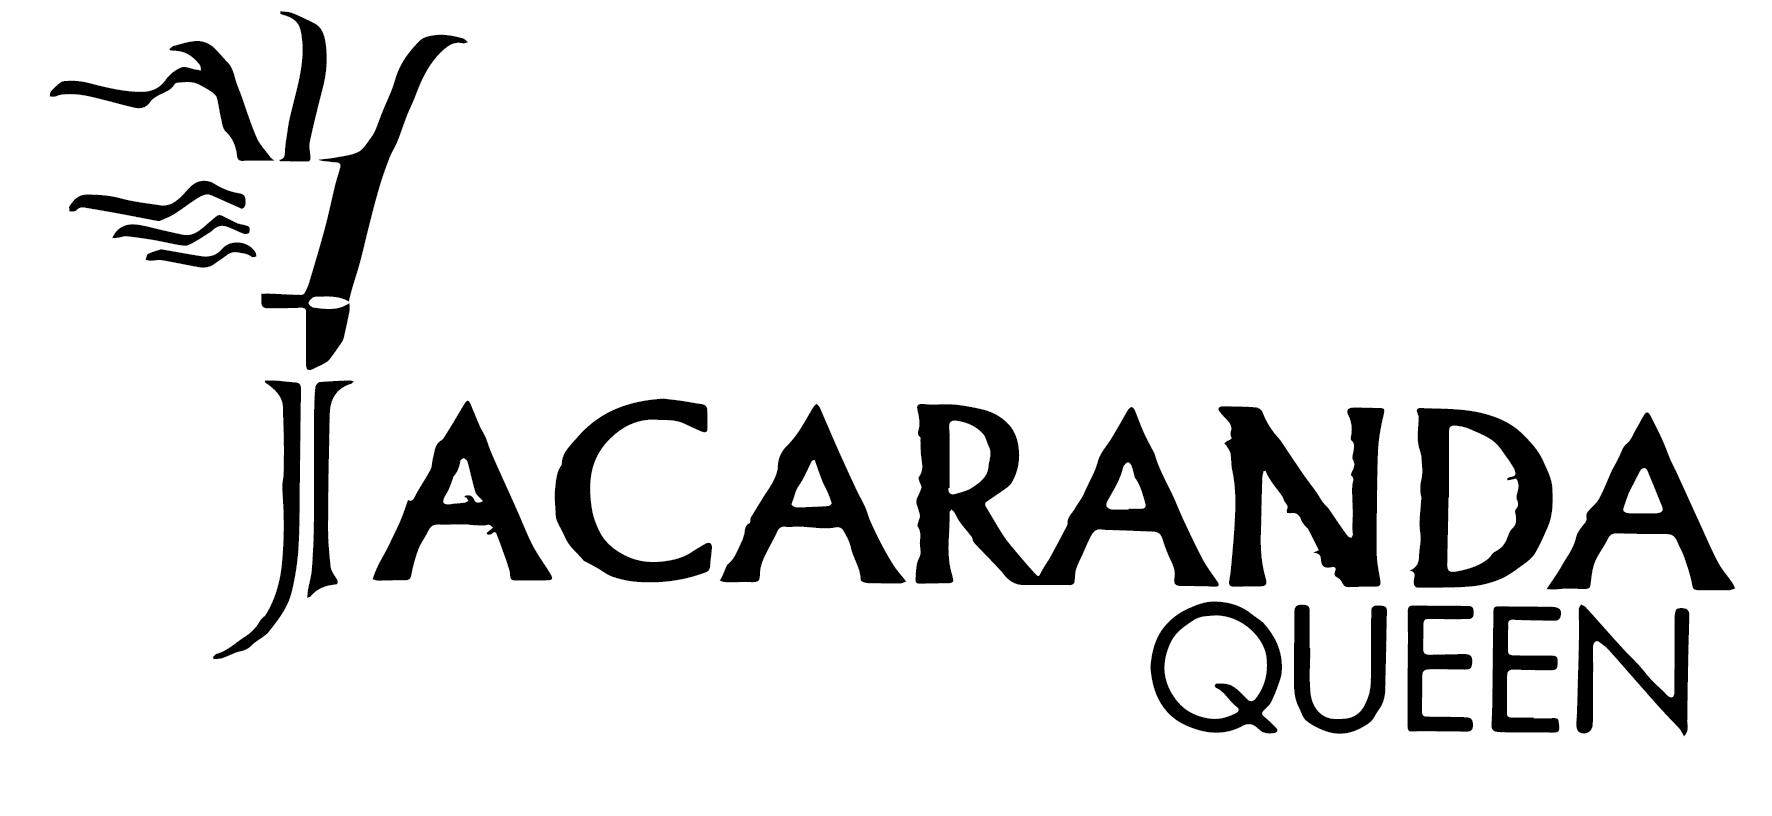 GALZ Jacaranda Queen pageant